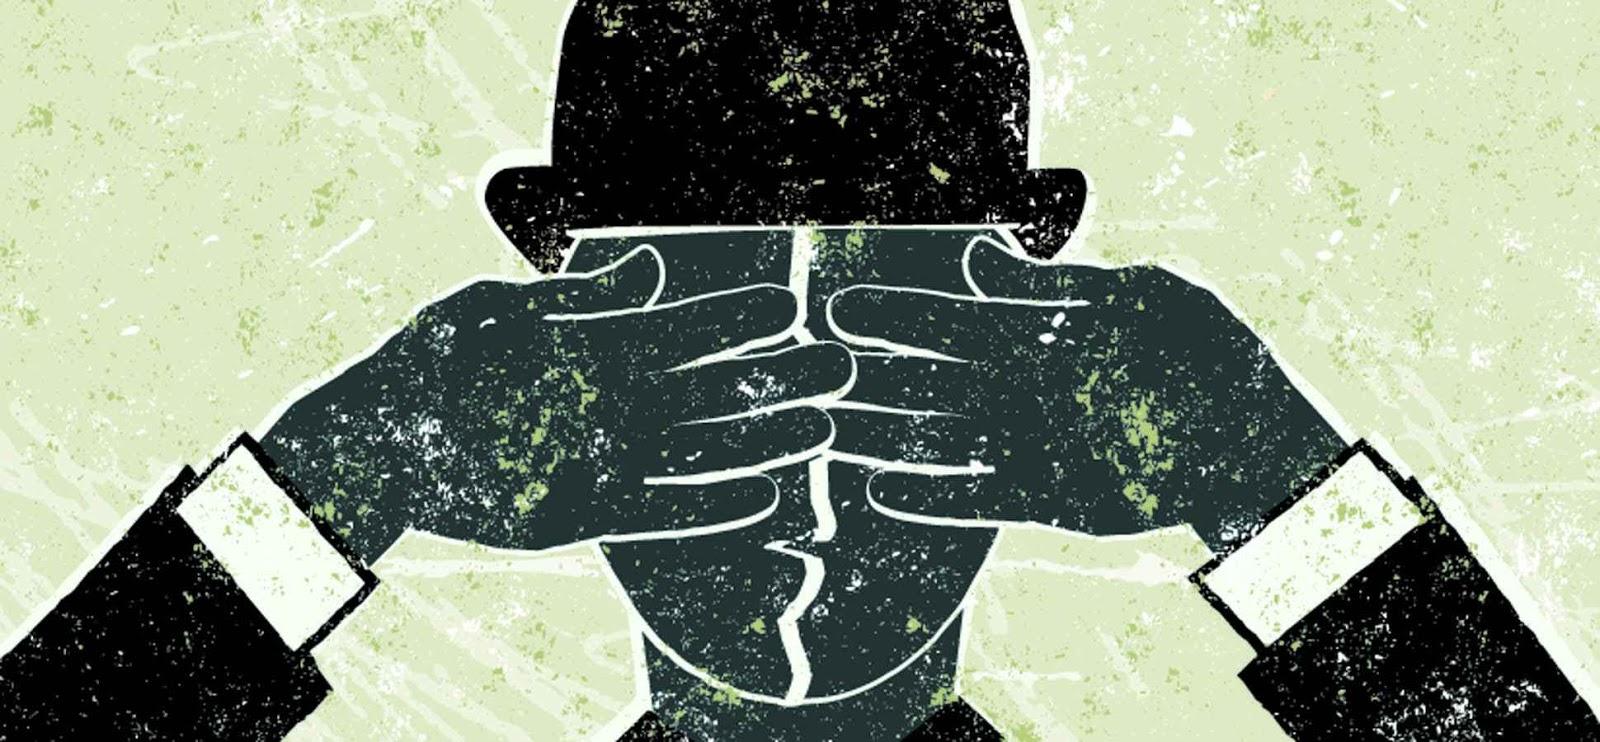 الصلابة النفسية وعلاقتها بأساليب مواجهة الضغوط